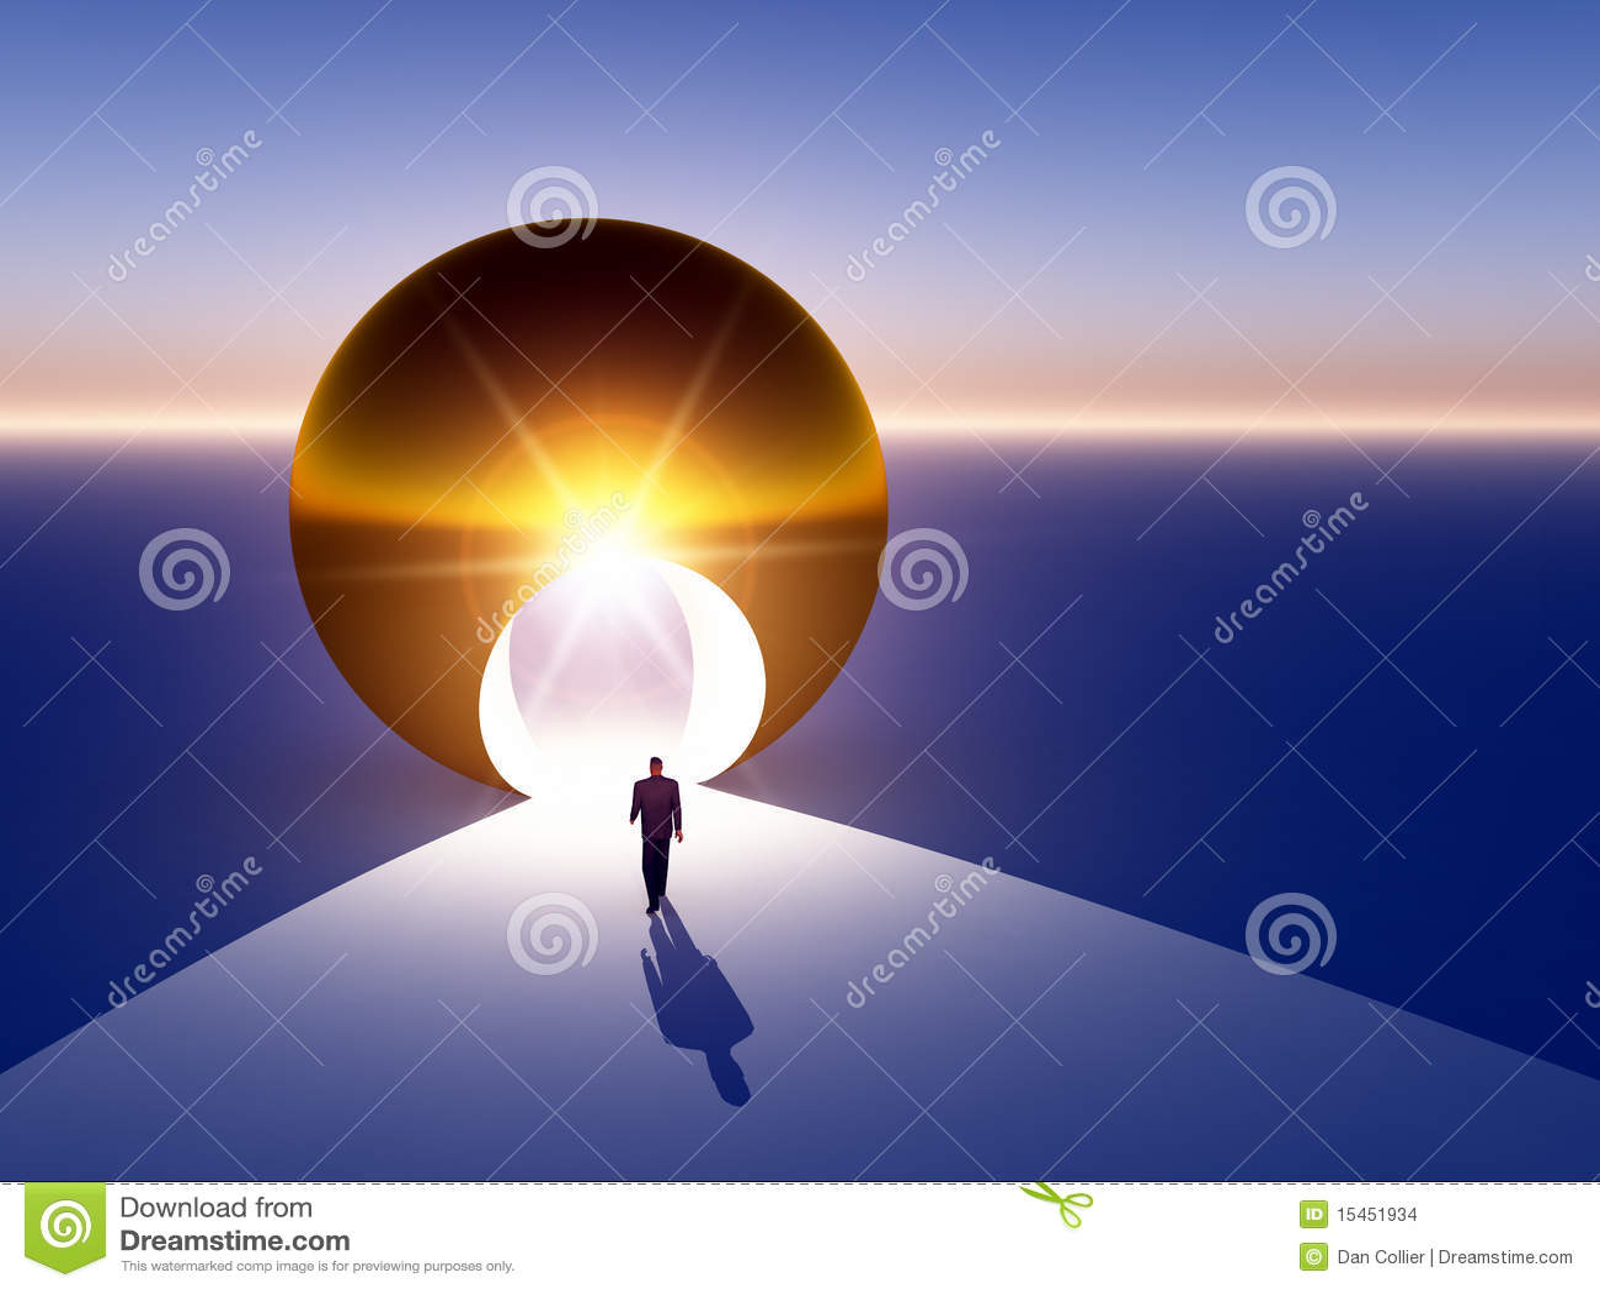 Abstract - Doorway to Golden Opportunity